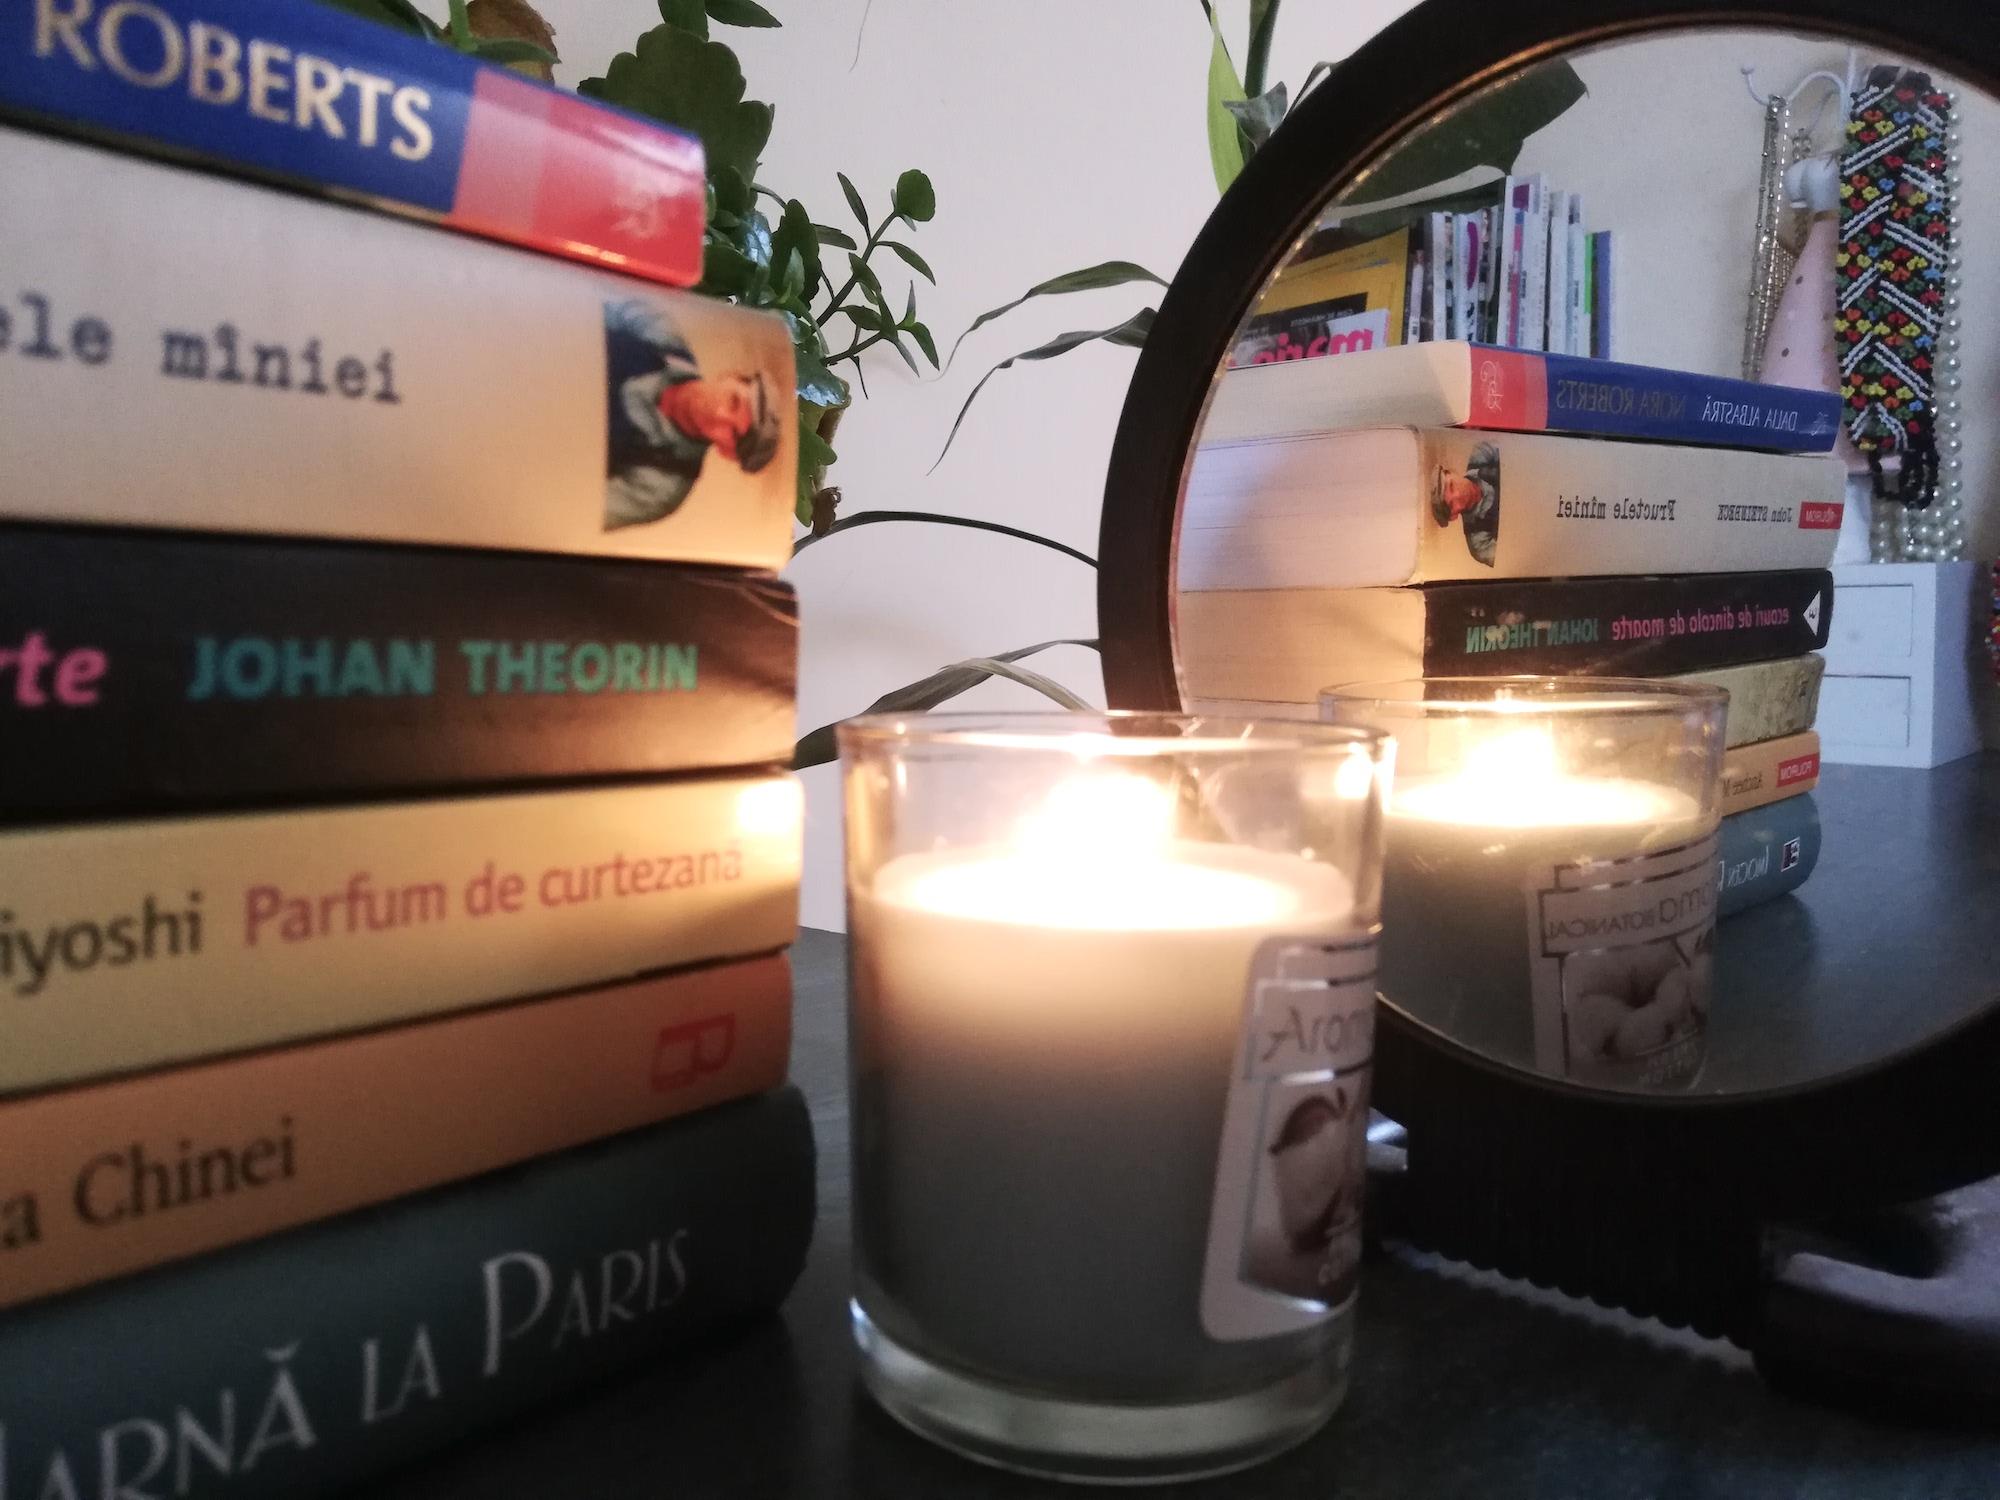 7 cărți pe care le-aș reciti chiar acum, perfecte pentru toamnă/iarnă